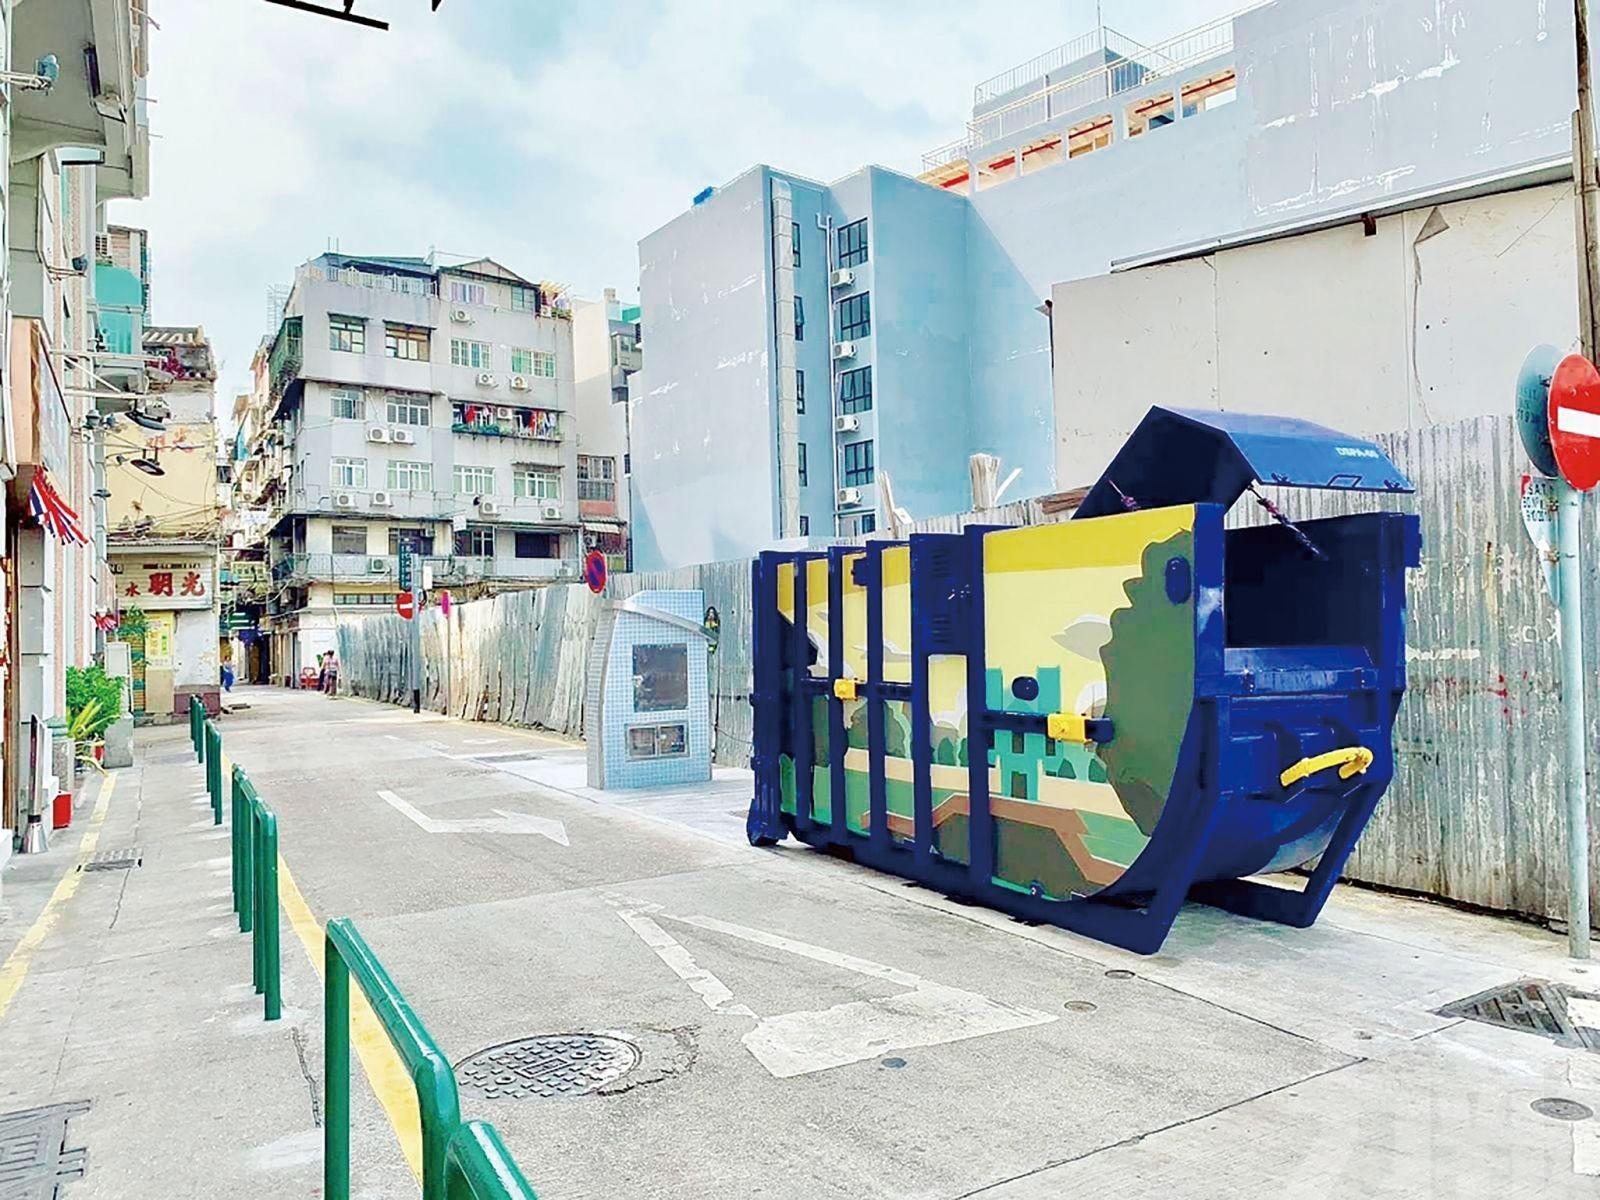 道德巷壓縮式垃圾桶站啟用